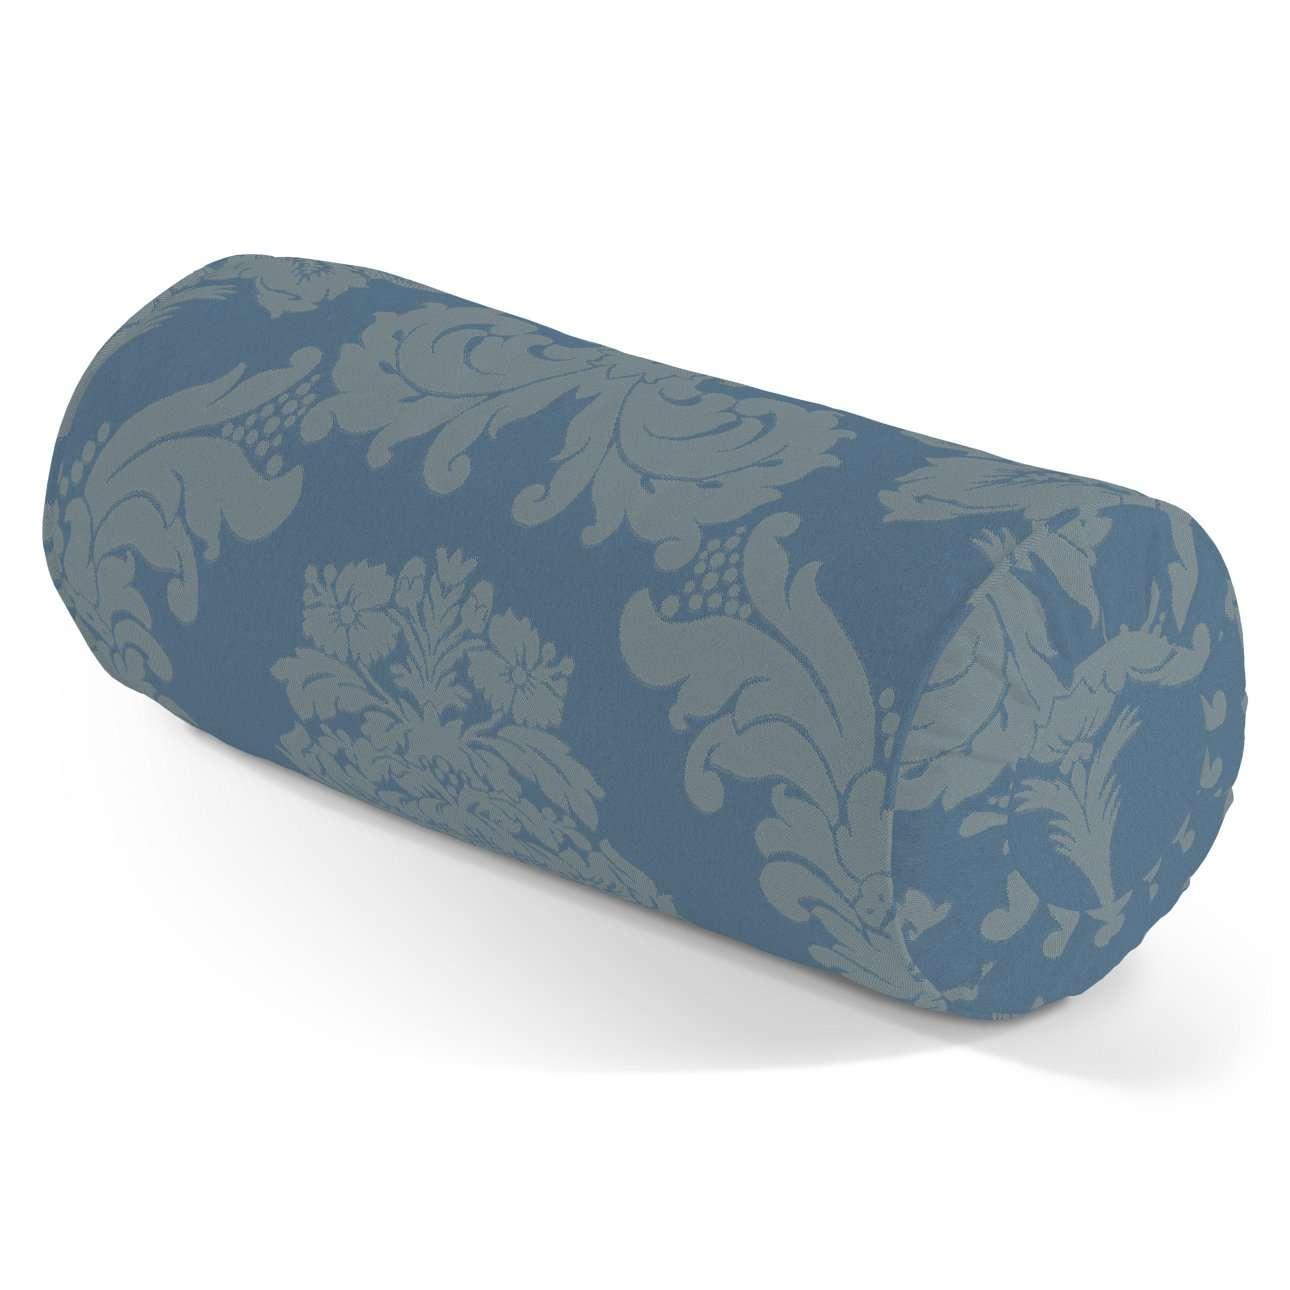 Poduszka wałek z zakładkami w kolekcji Damasco, tkanina: 613-67